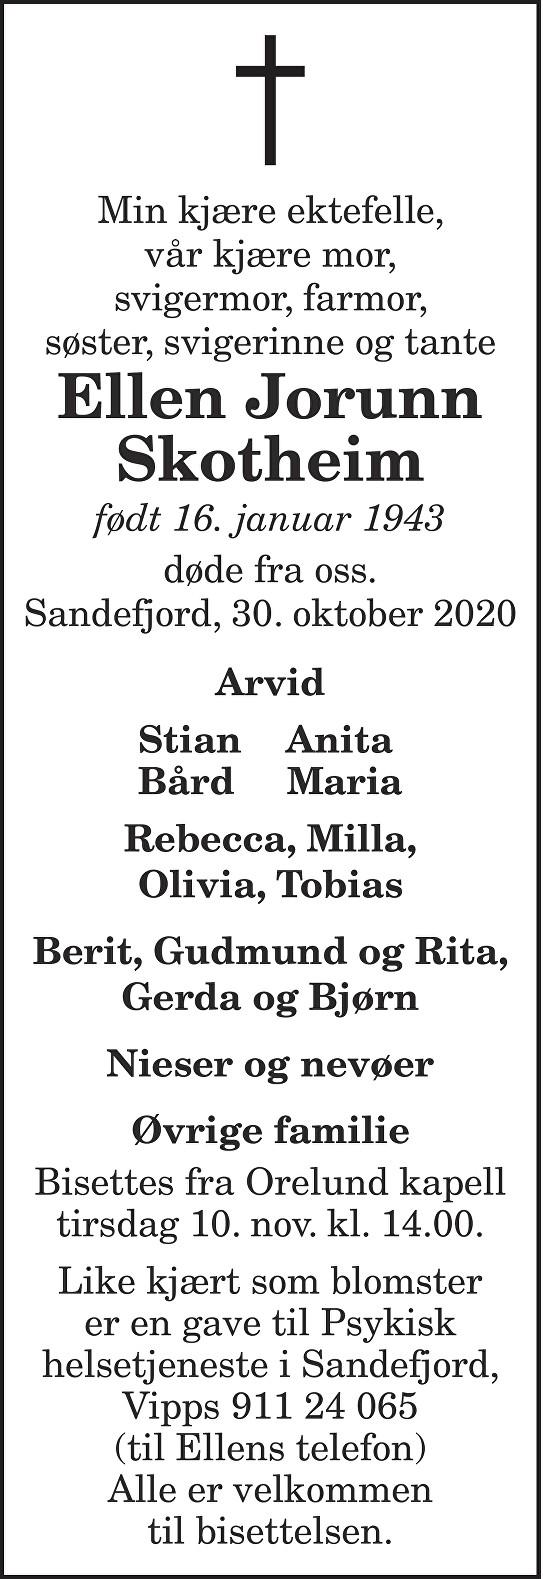 Ellen Jorunn Skotheim Dødsannonse